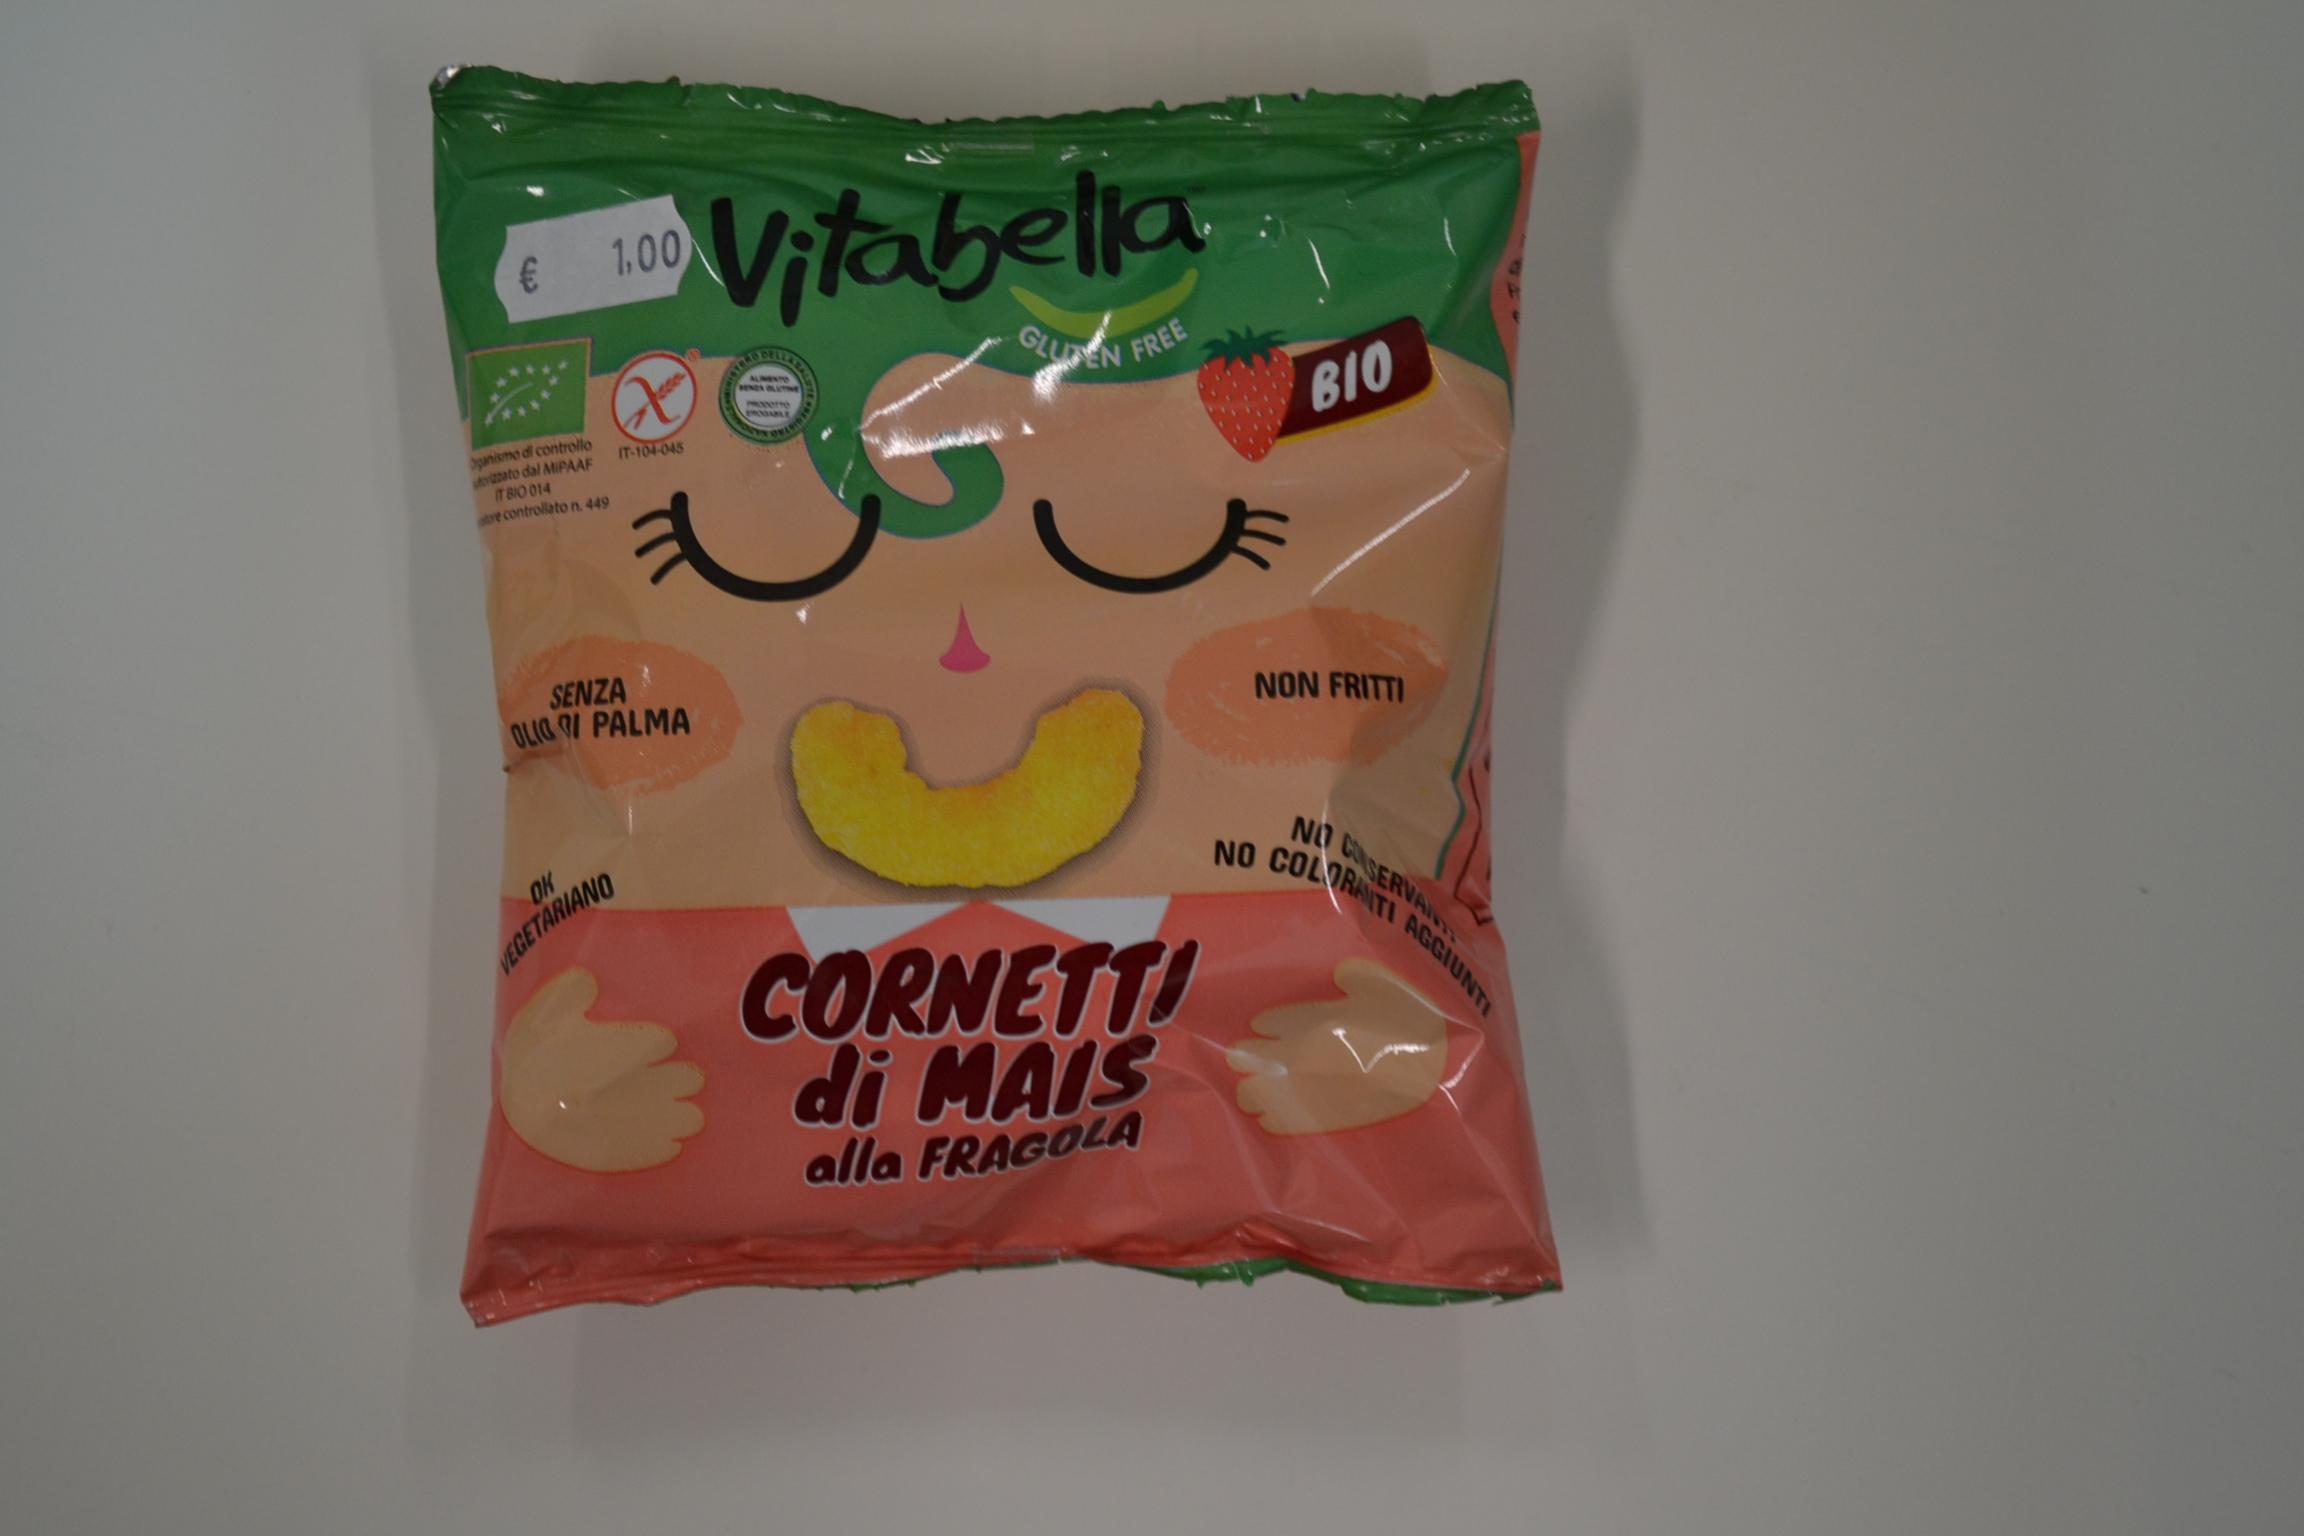 Cornetti di mais alla fragola VITABELLA